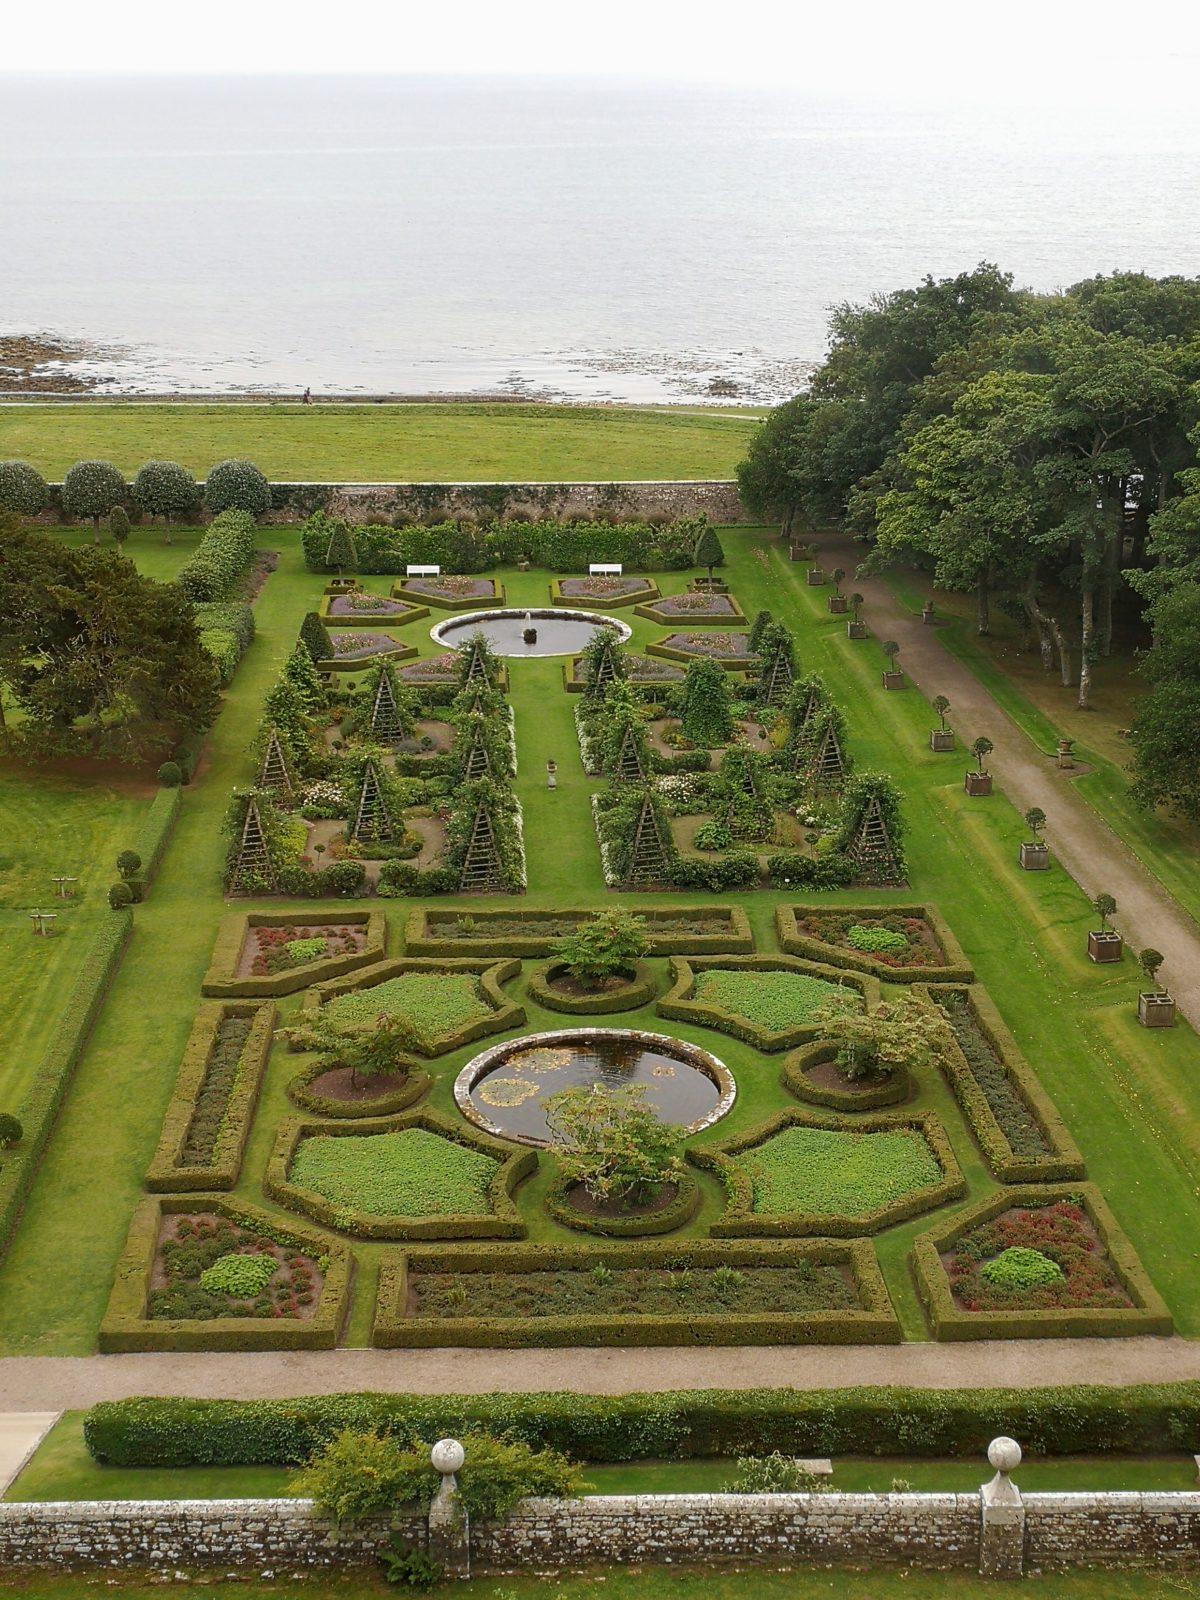 Jardins à la française du château de Dunrobin à Golspie, Ecosse